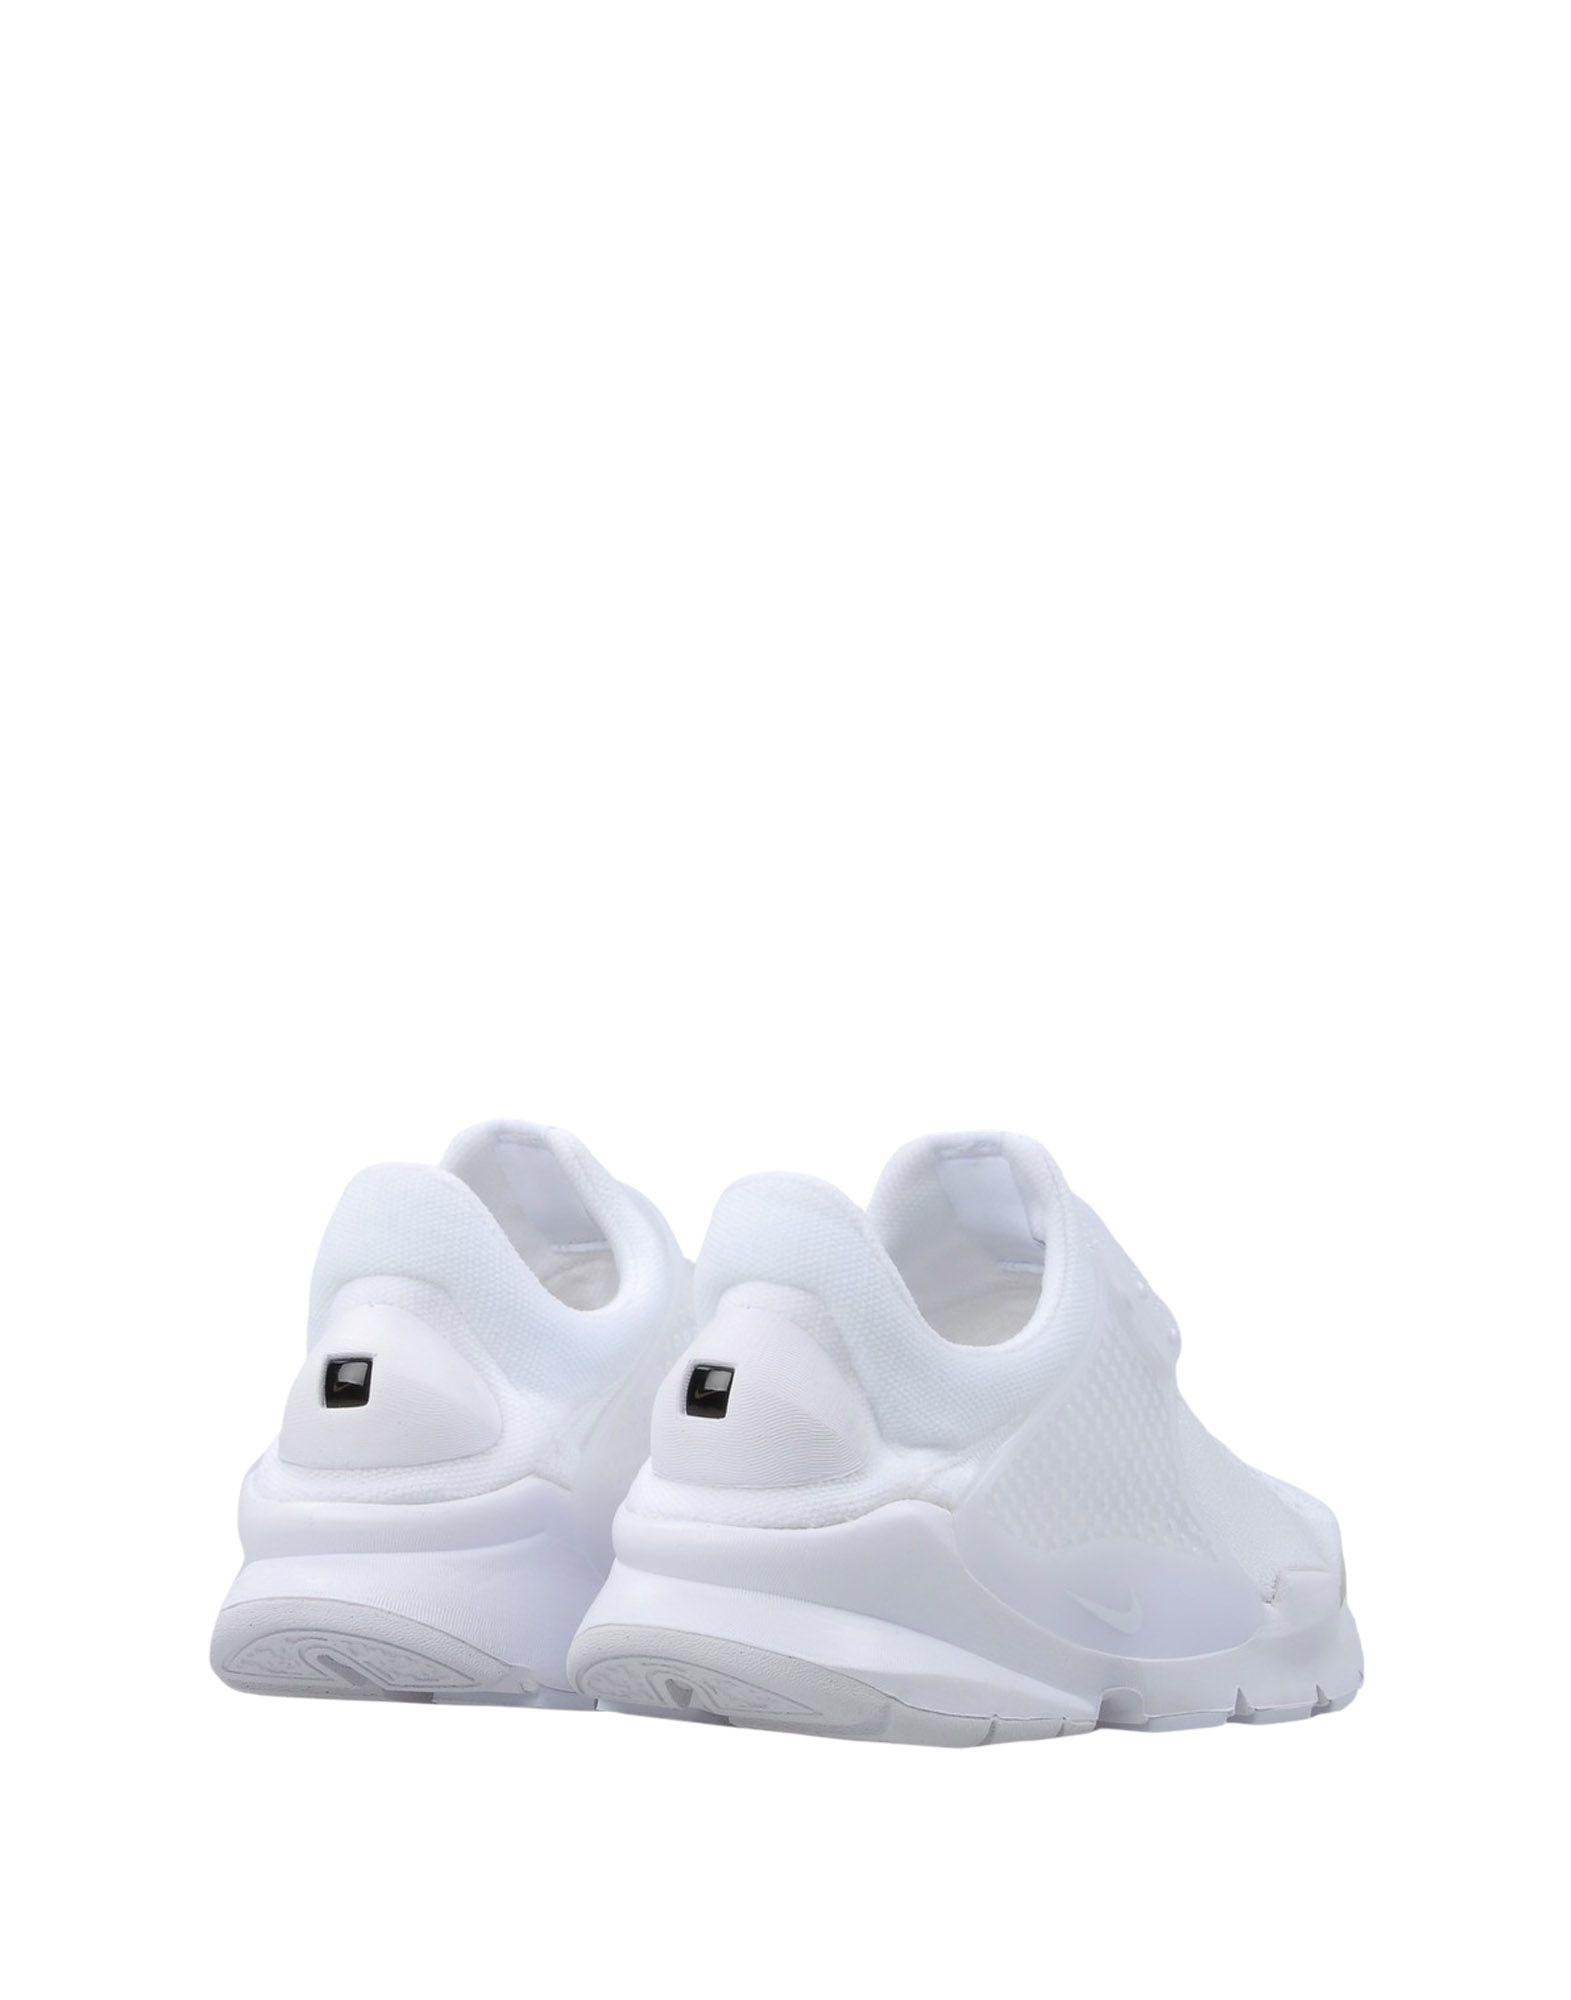 Rabatt echte Dart Schuhe Nike  Sock Dart echte Jackard  11287314US 5ac86a